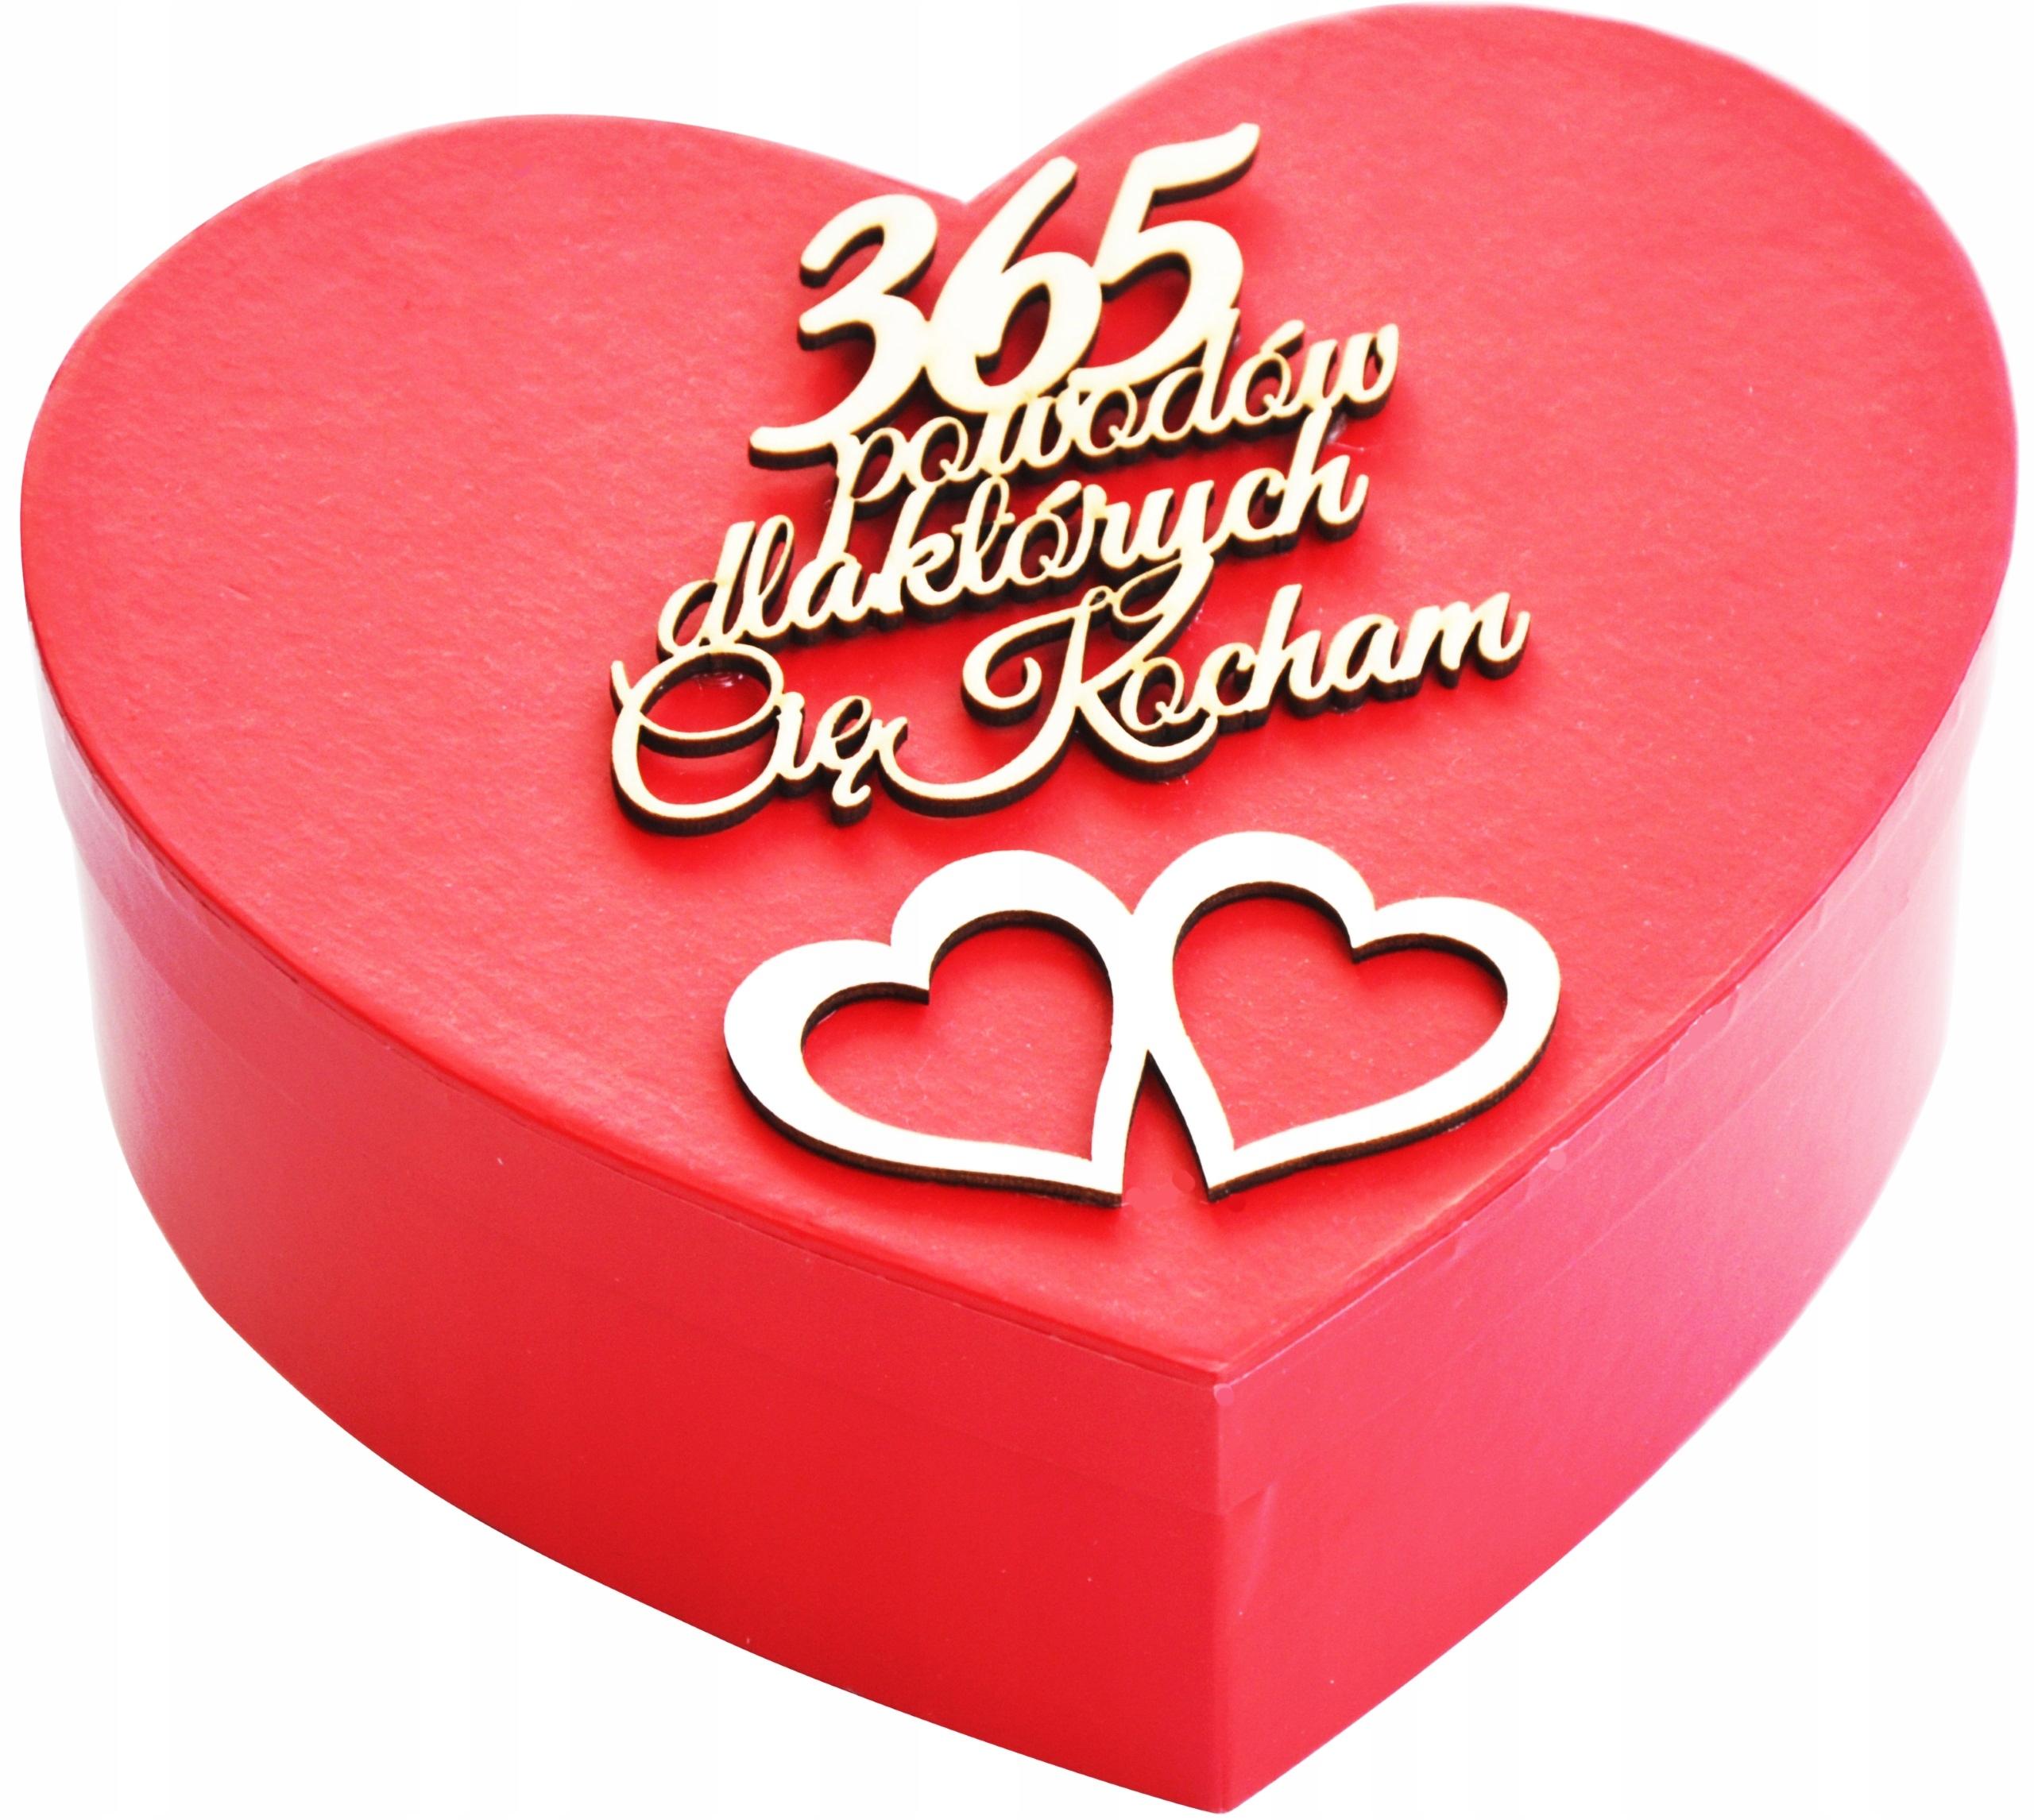 365 Powodow Kocham Cie Super Prezent Na Walentynki 8901937013 Allegro Pl